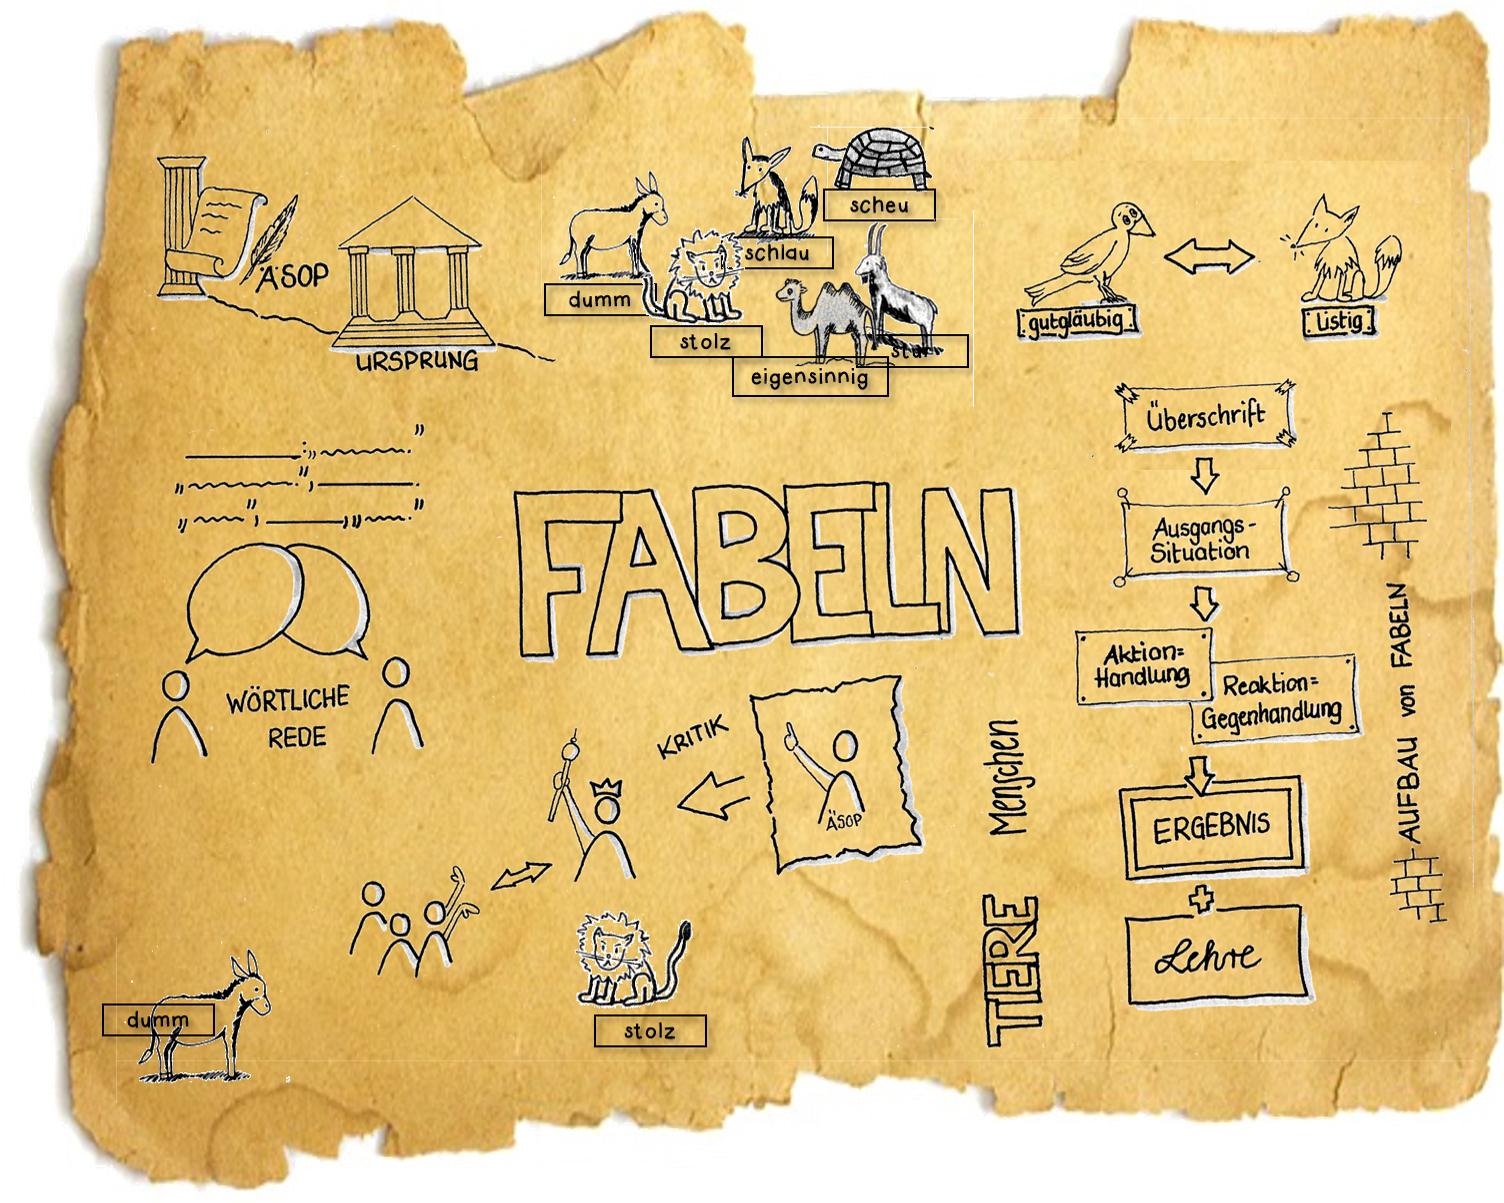 D 6 Fabeln Überblick_Karte